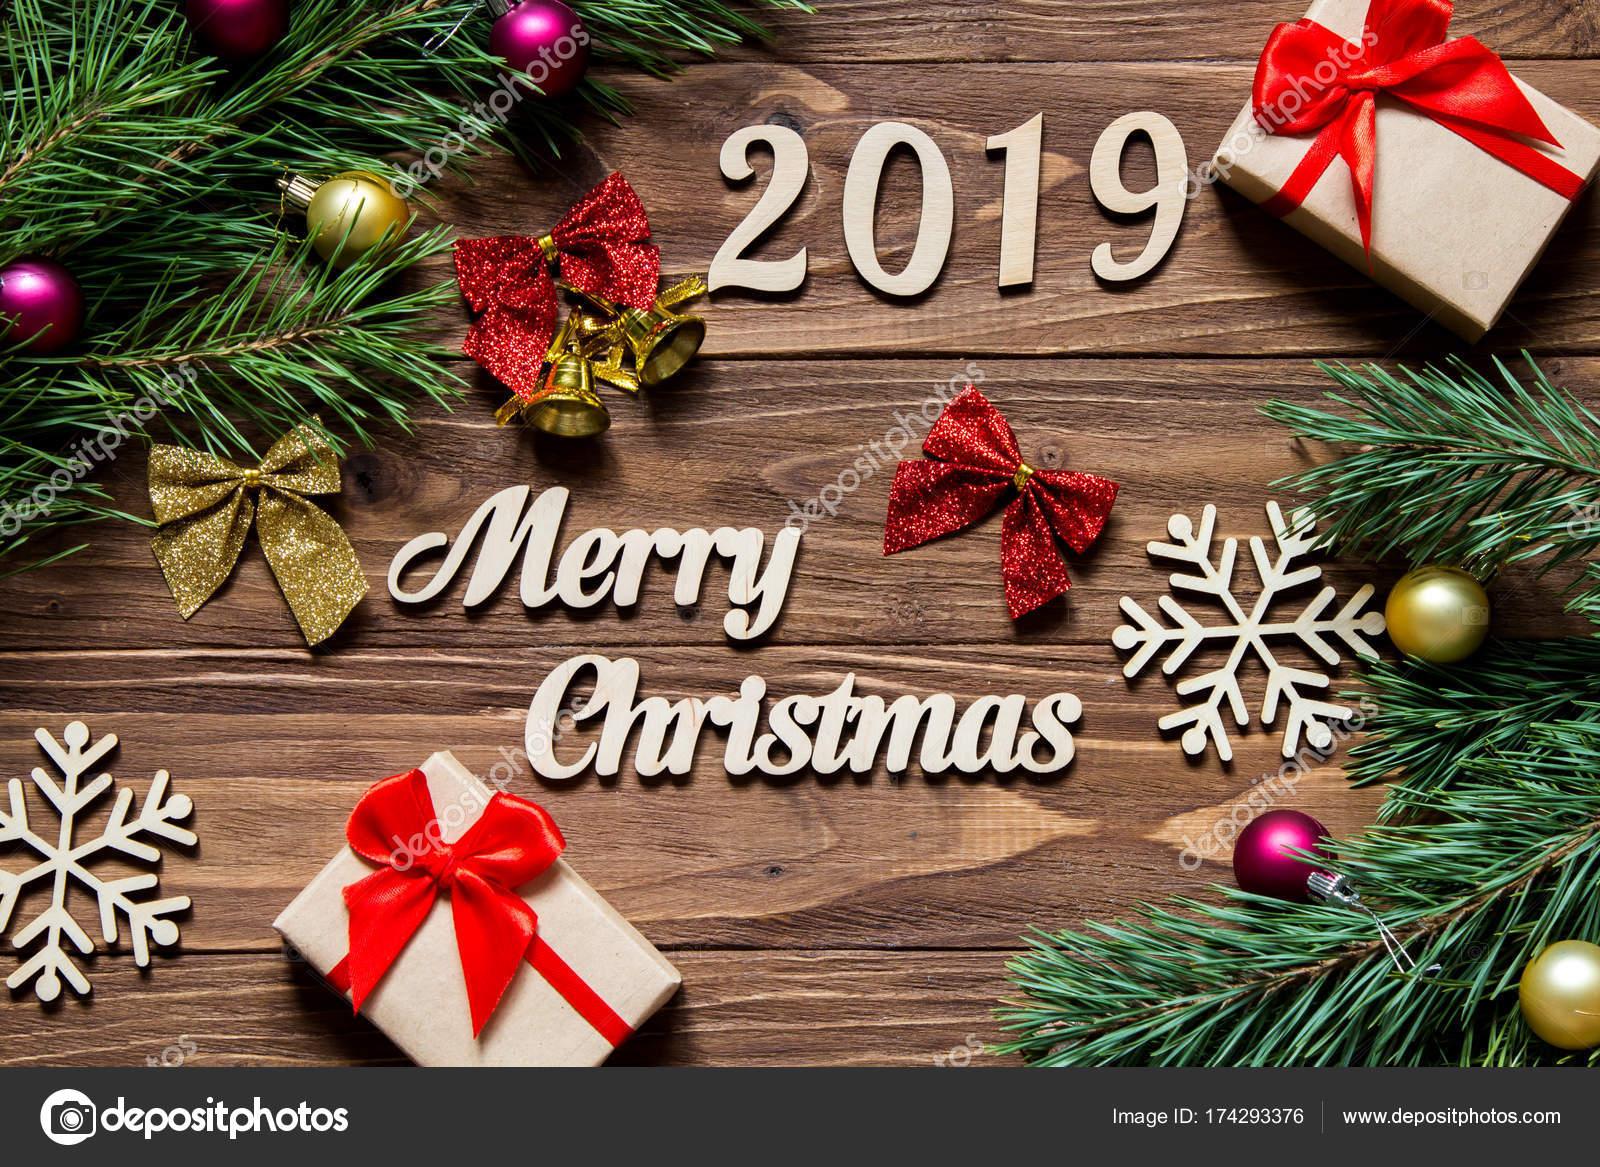 Foto Di Natale 2019.Buon Natale 2019 Regali Di Natale E Canutiglia Su Fondo Di